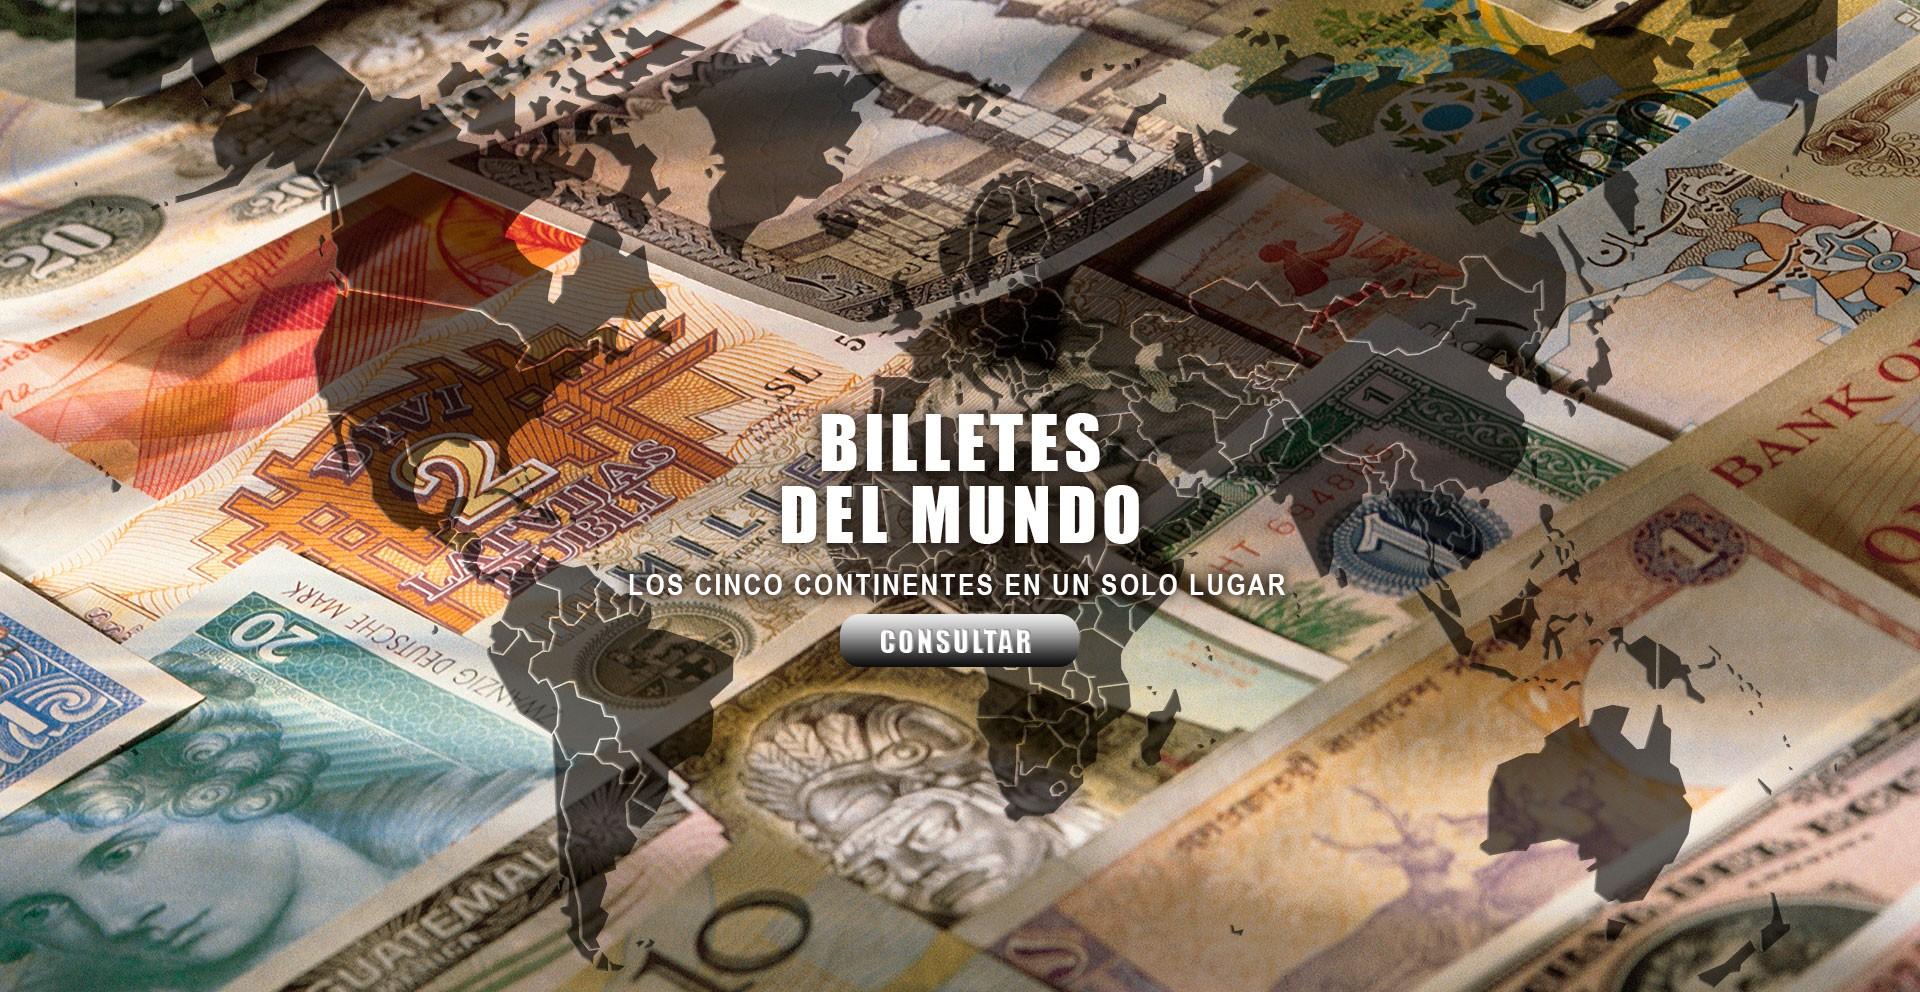 Listados de billetes del mundo